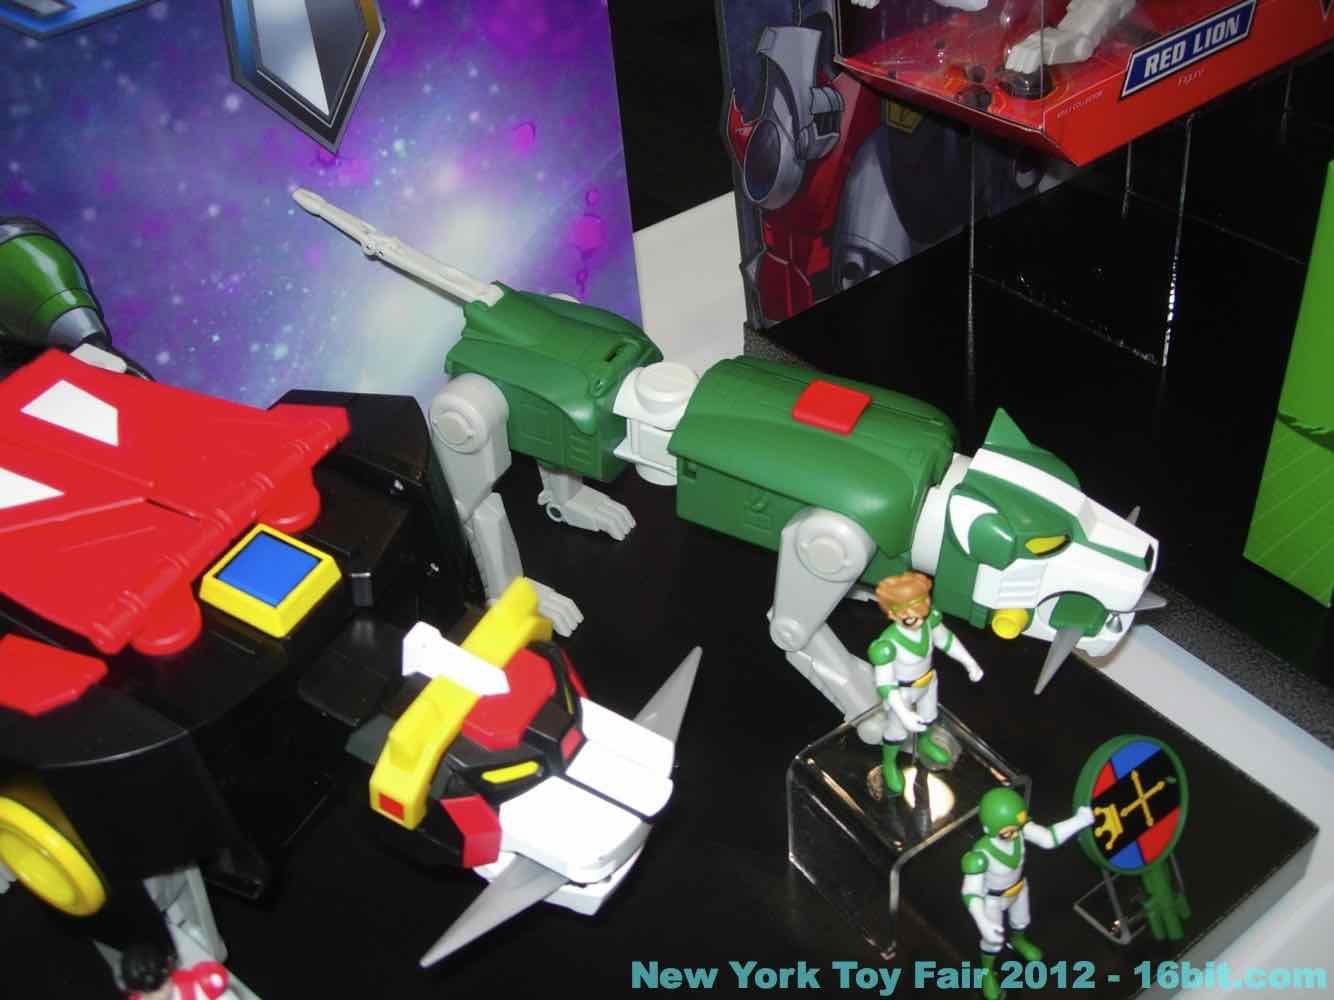 16bit Com Toy Fair Coverage Of Mattel Voltron Action